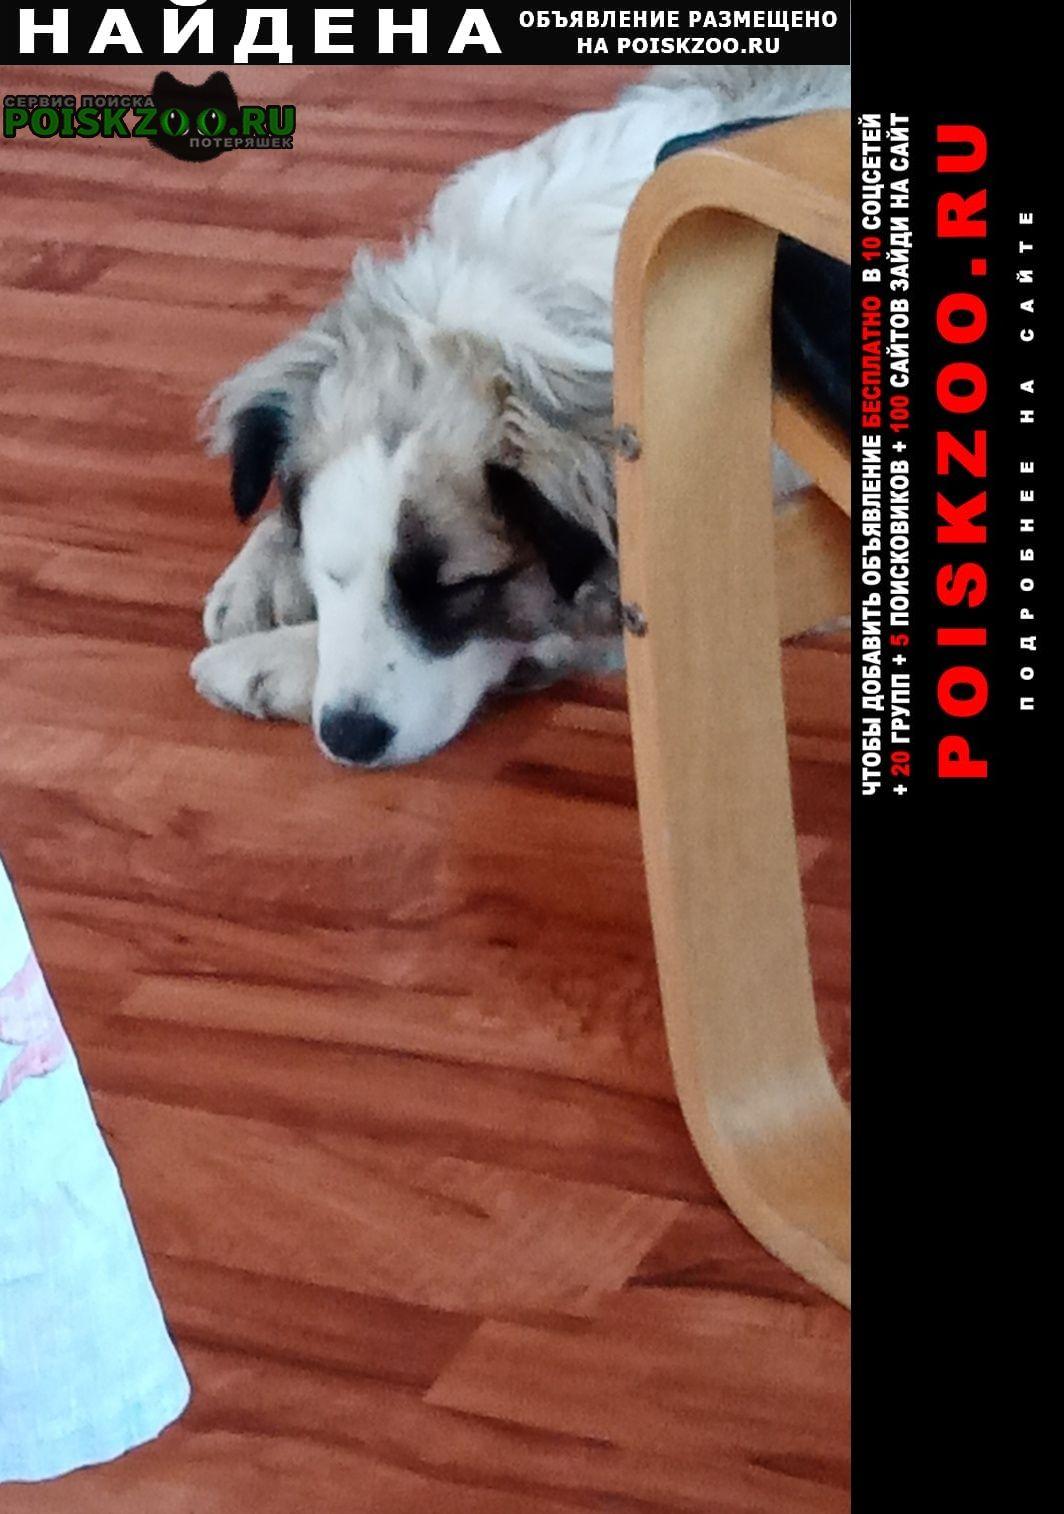 Найдена собака нашлась белка (объявление.) Истра